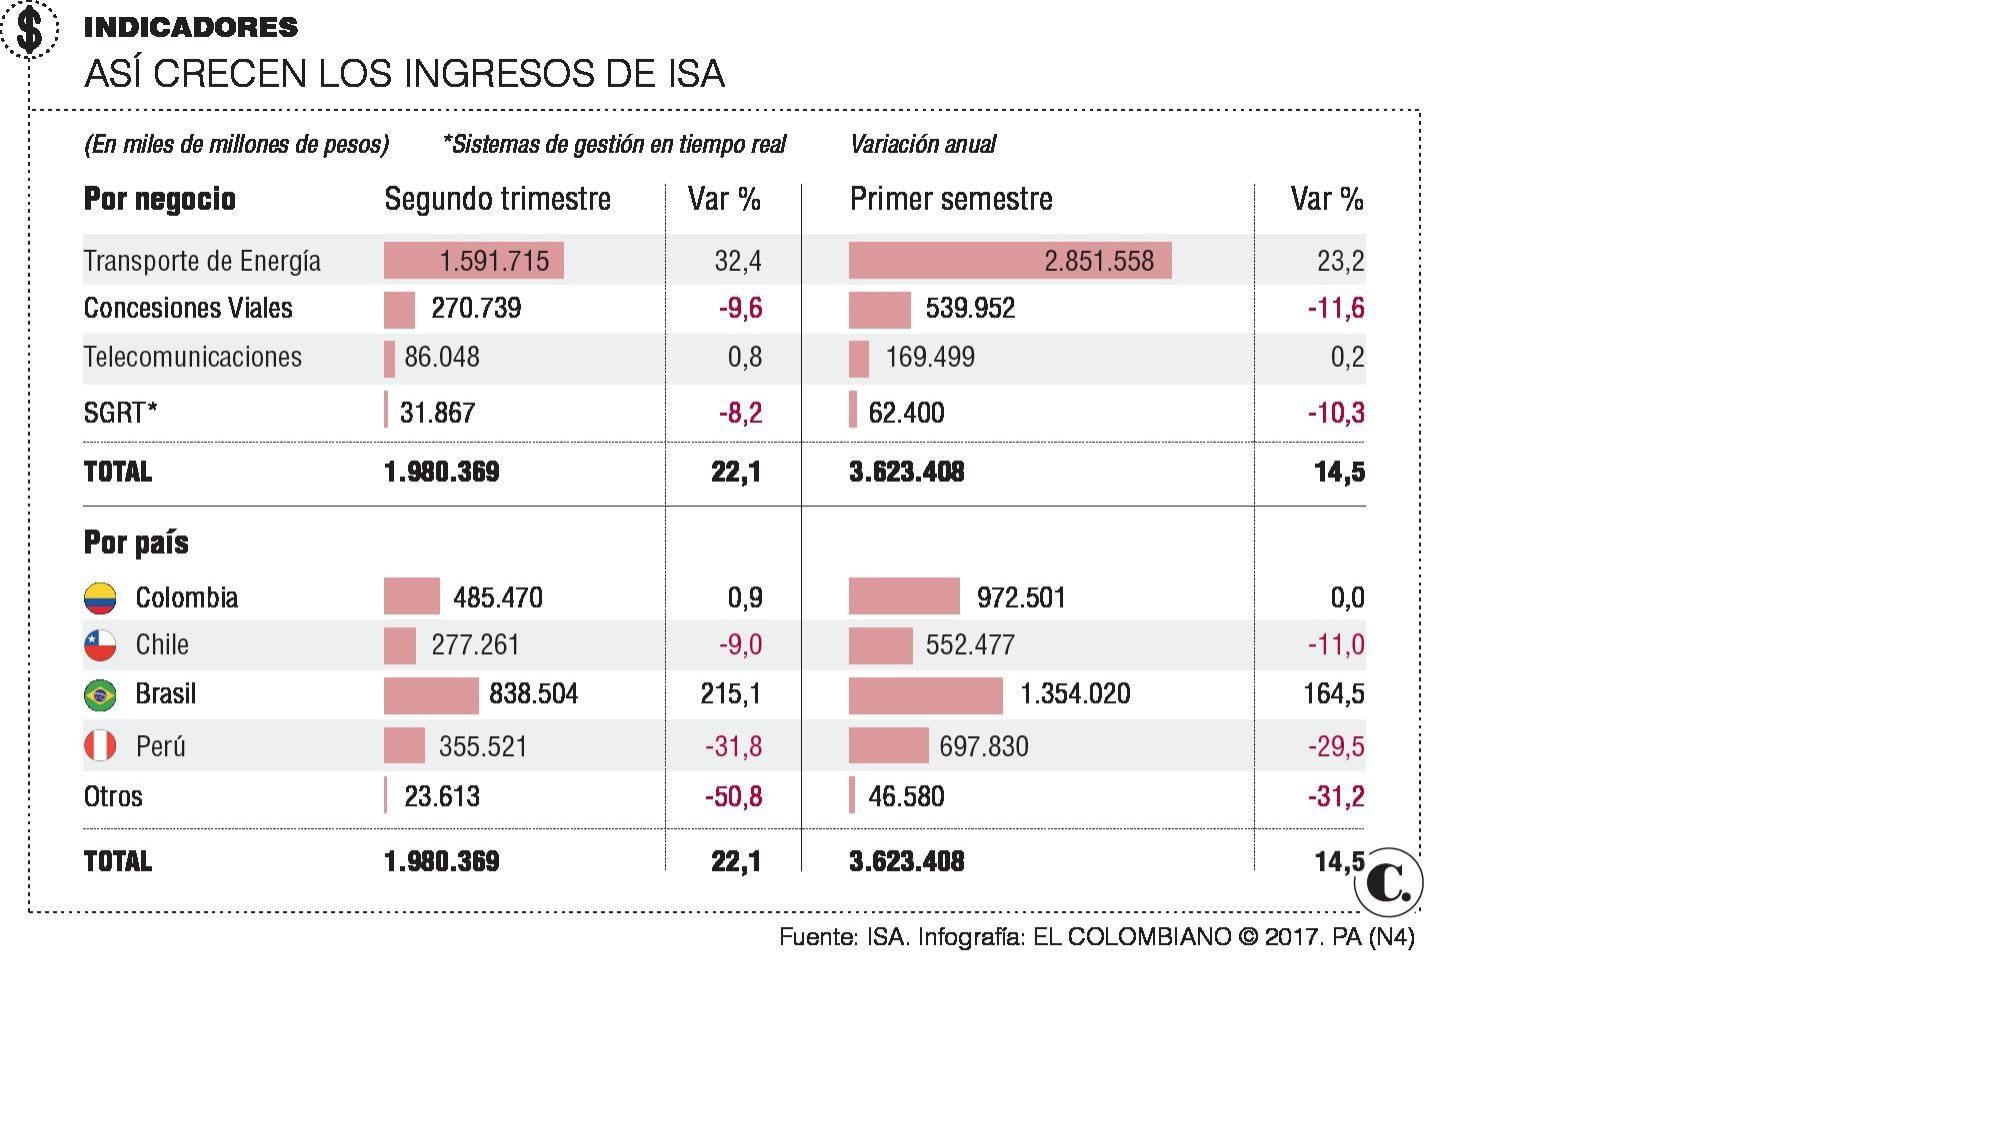 Resultados de ISA a junio de 2017